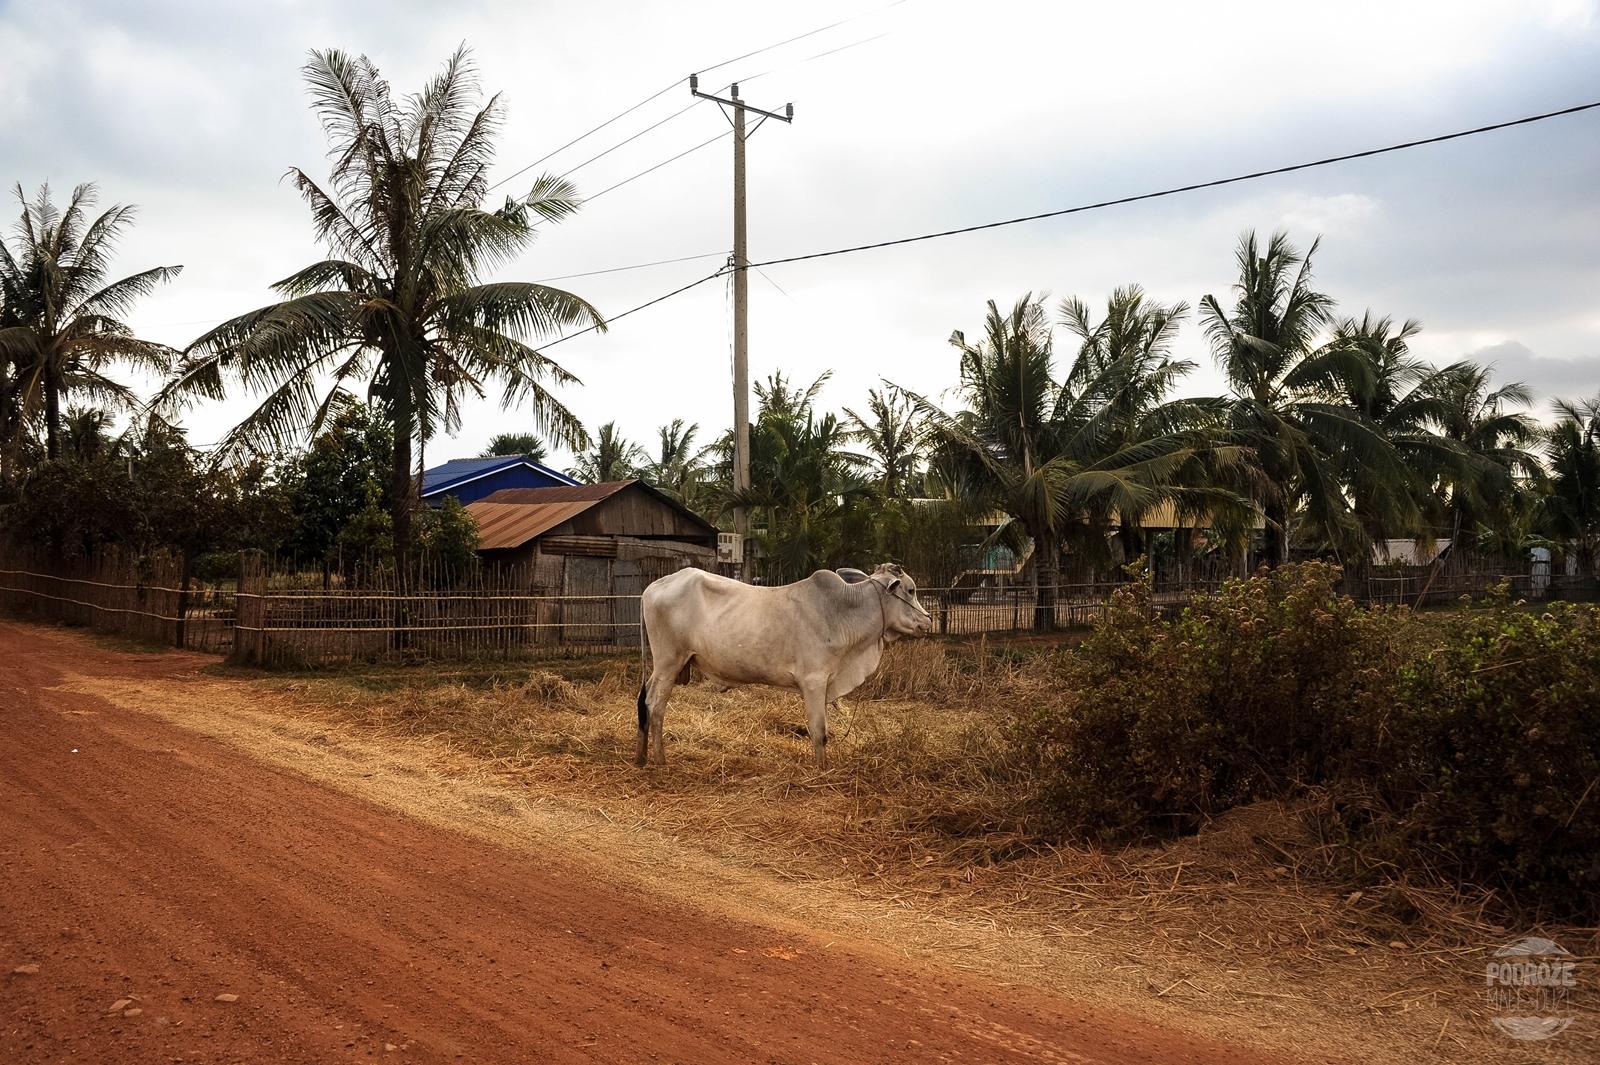 krowa kambodza kampot